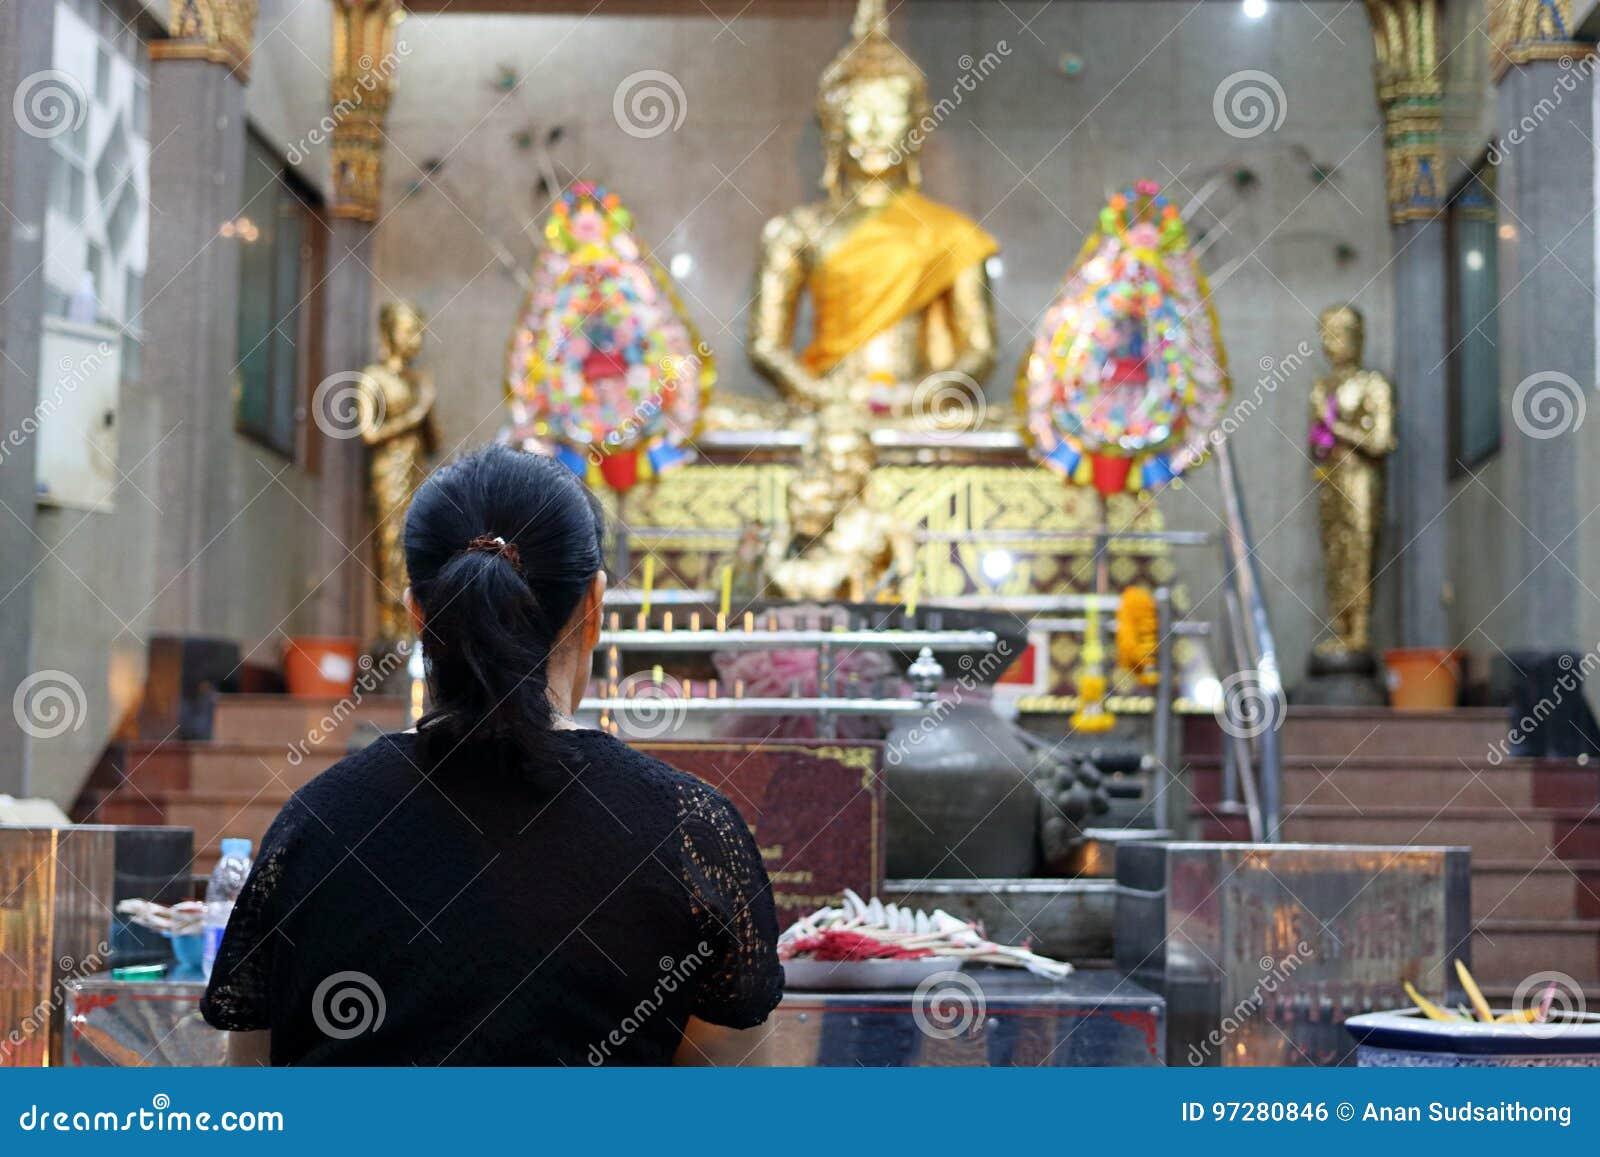 Hintere Ansicht der thailändischen Frau betend zu Buddha im Tempel